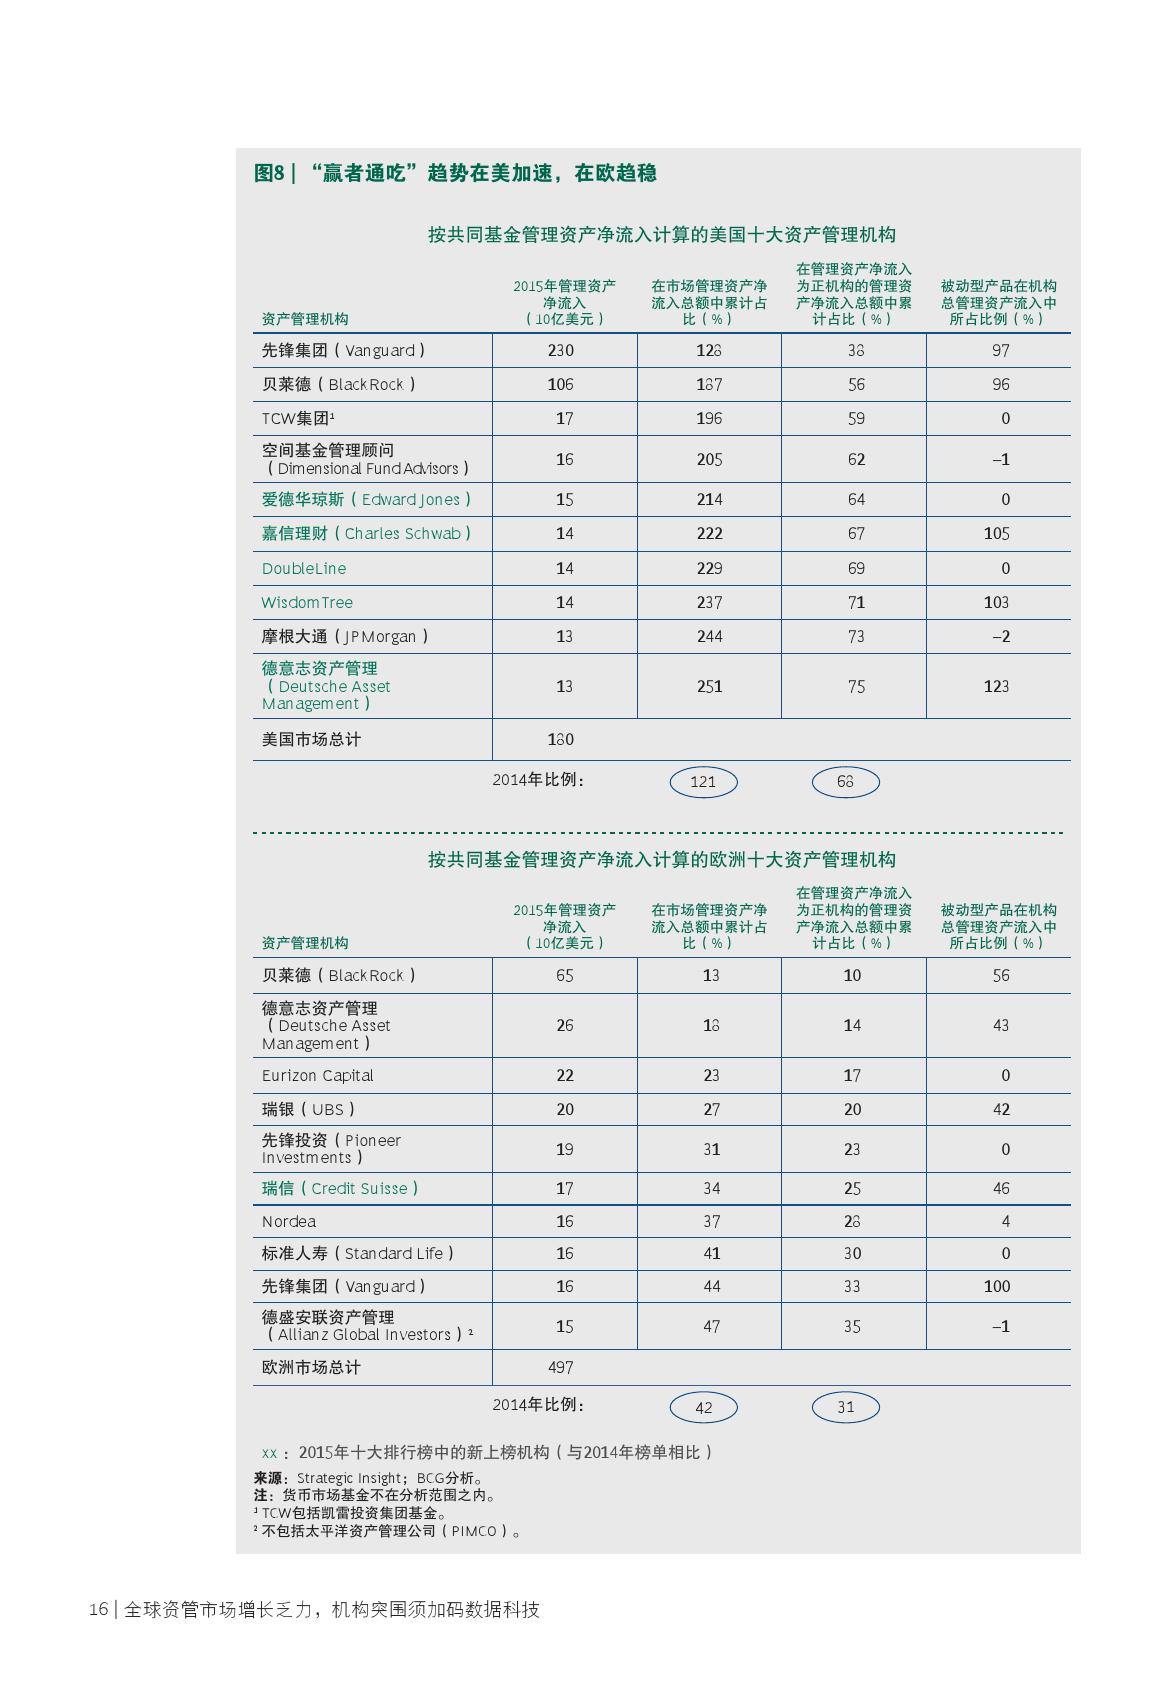 2016全球金融市场及资产管理报告_000018